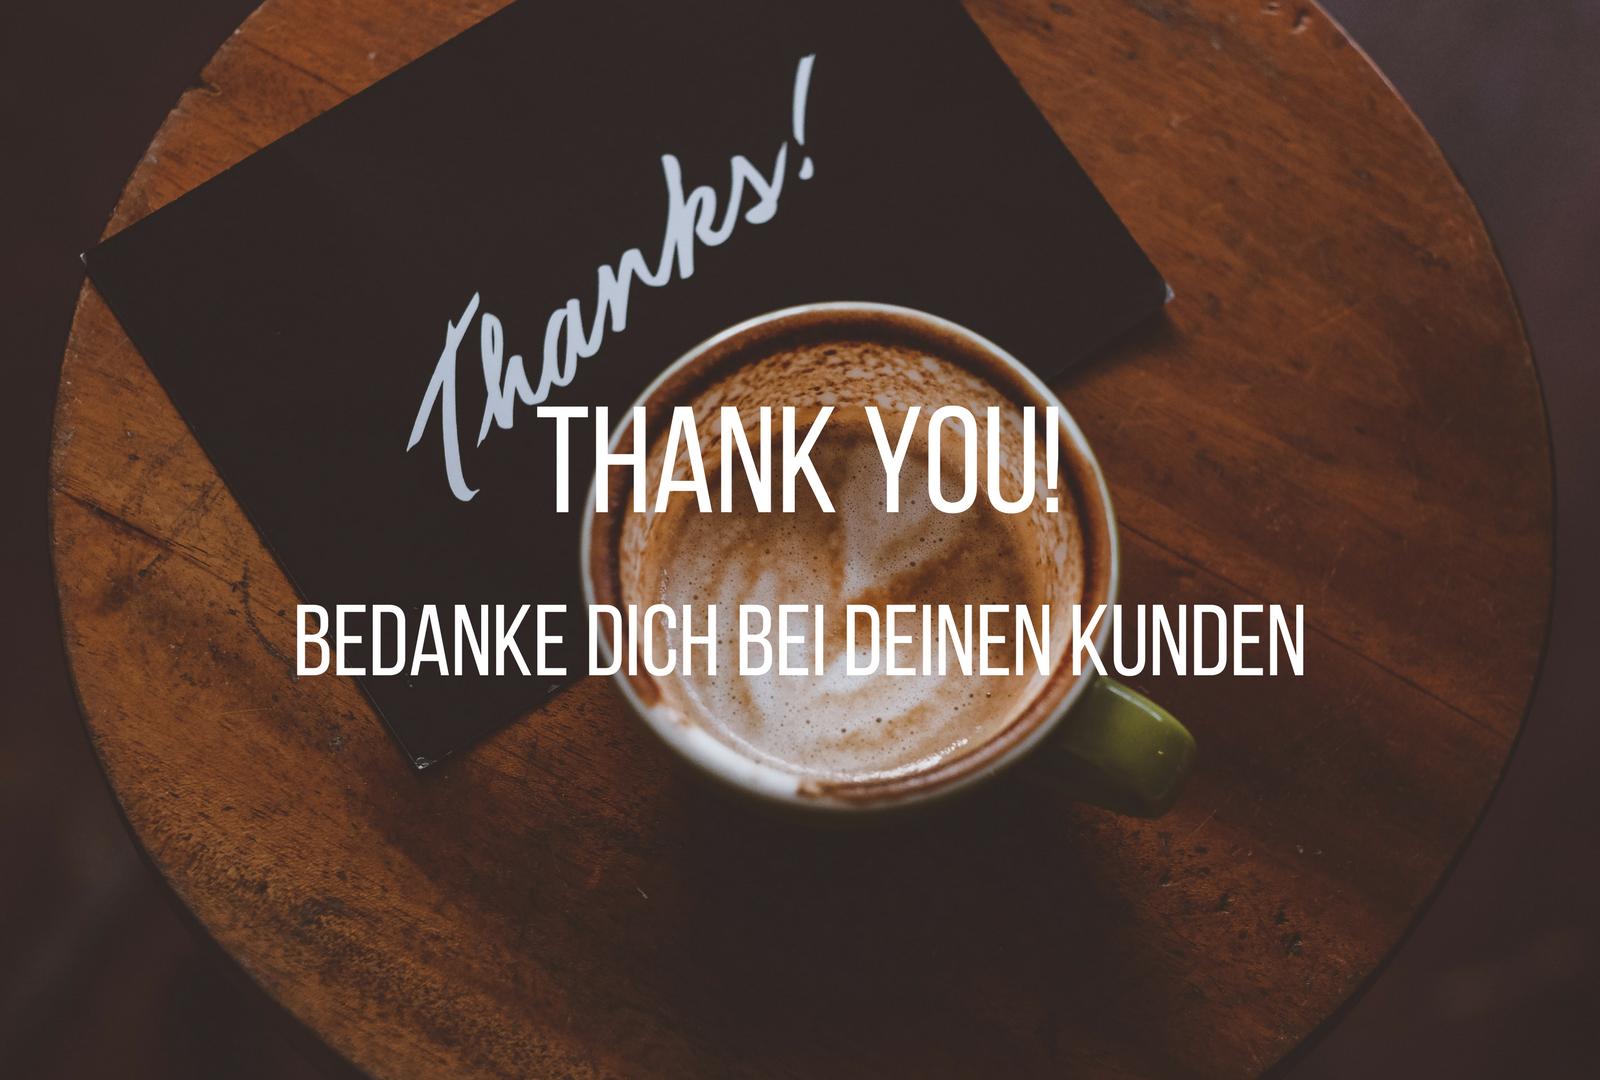 10 Wege, dich bei deinen Kunden zu bedanken - Ideen zum Danke sagen